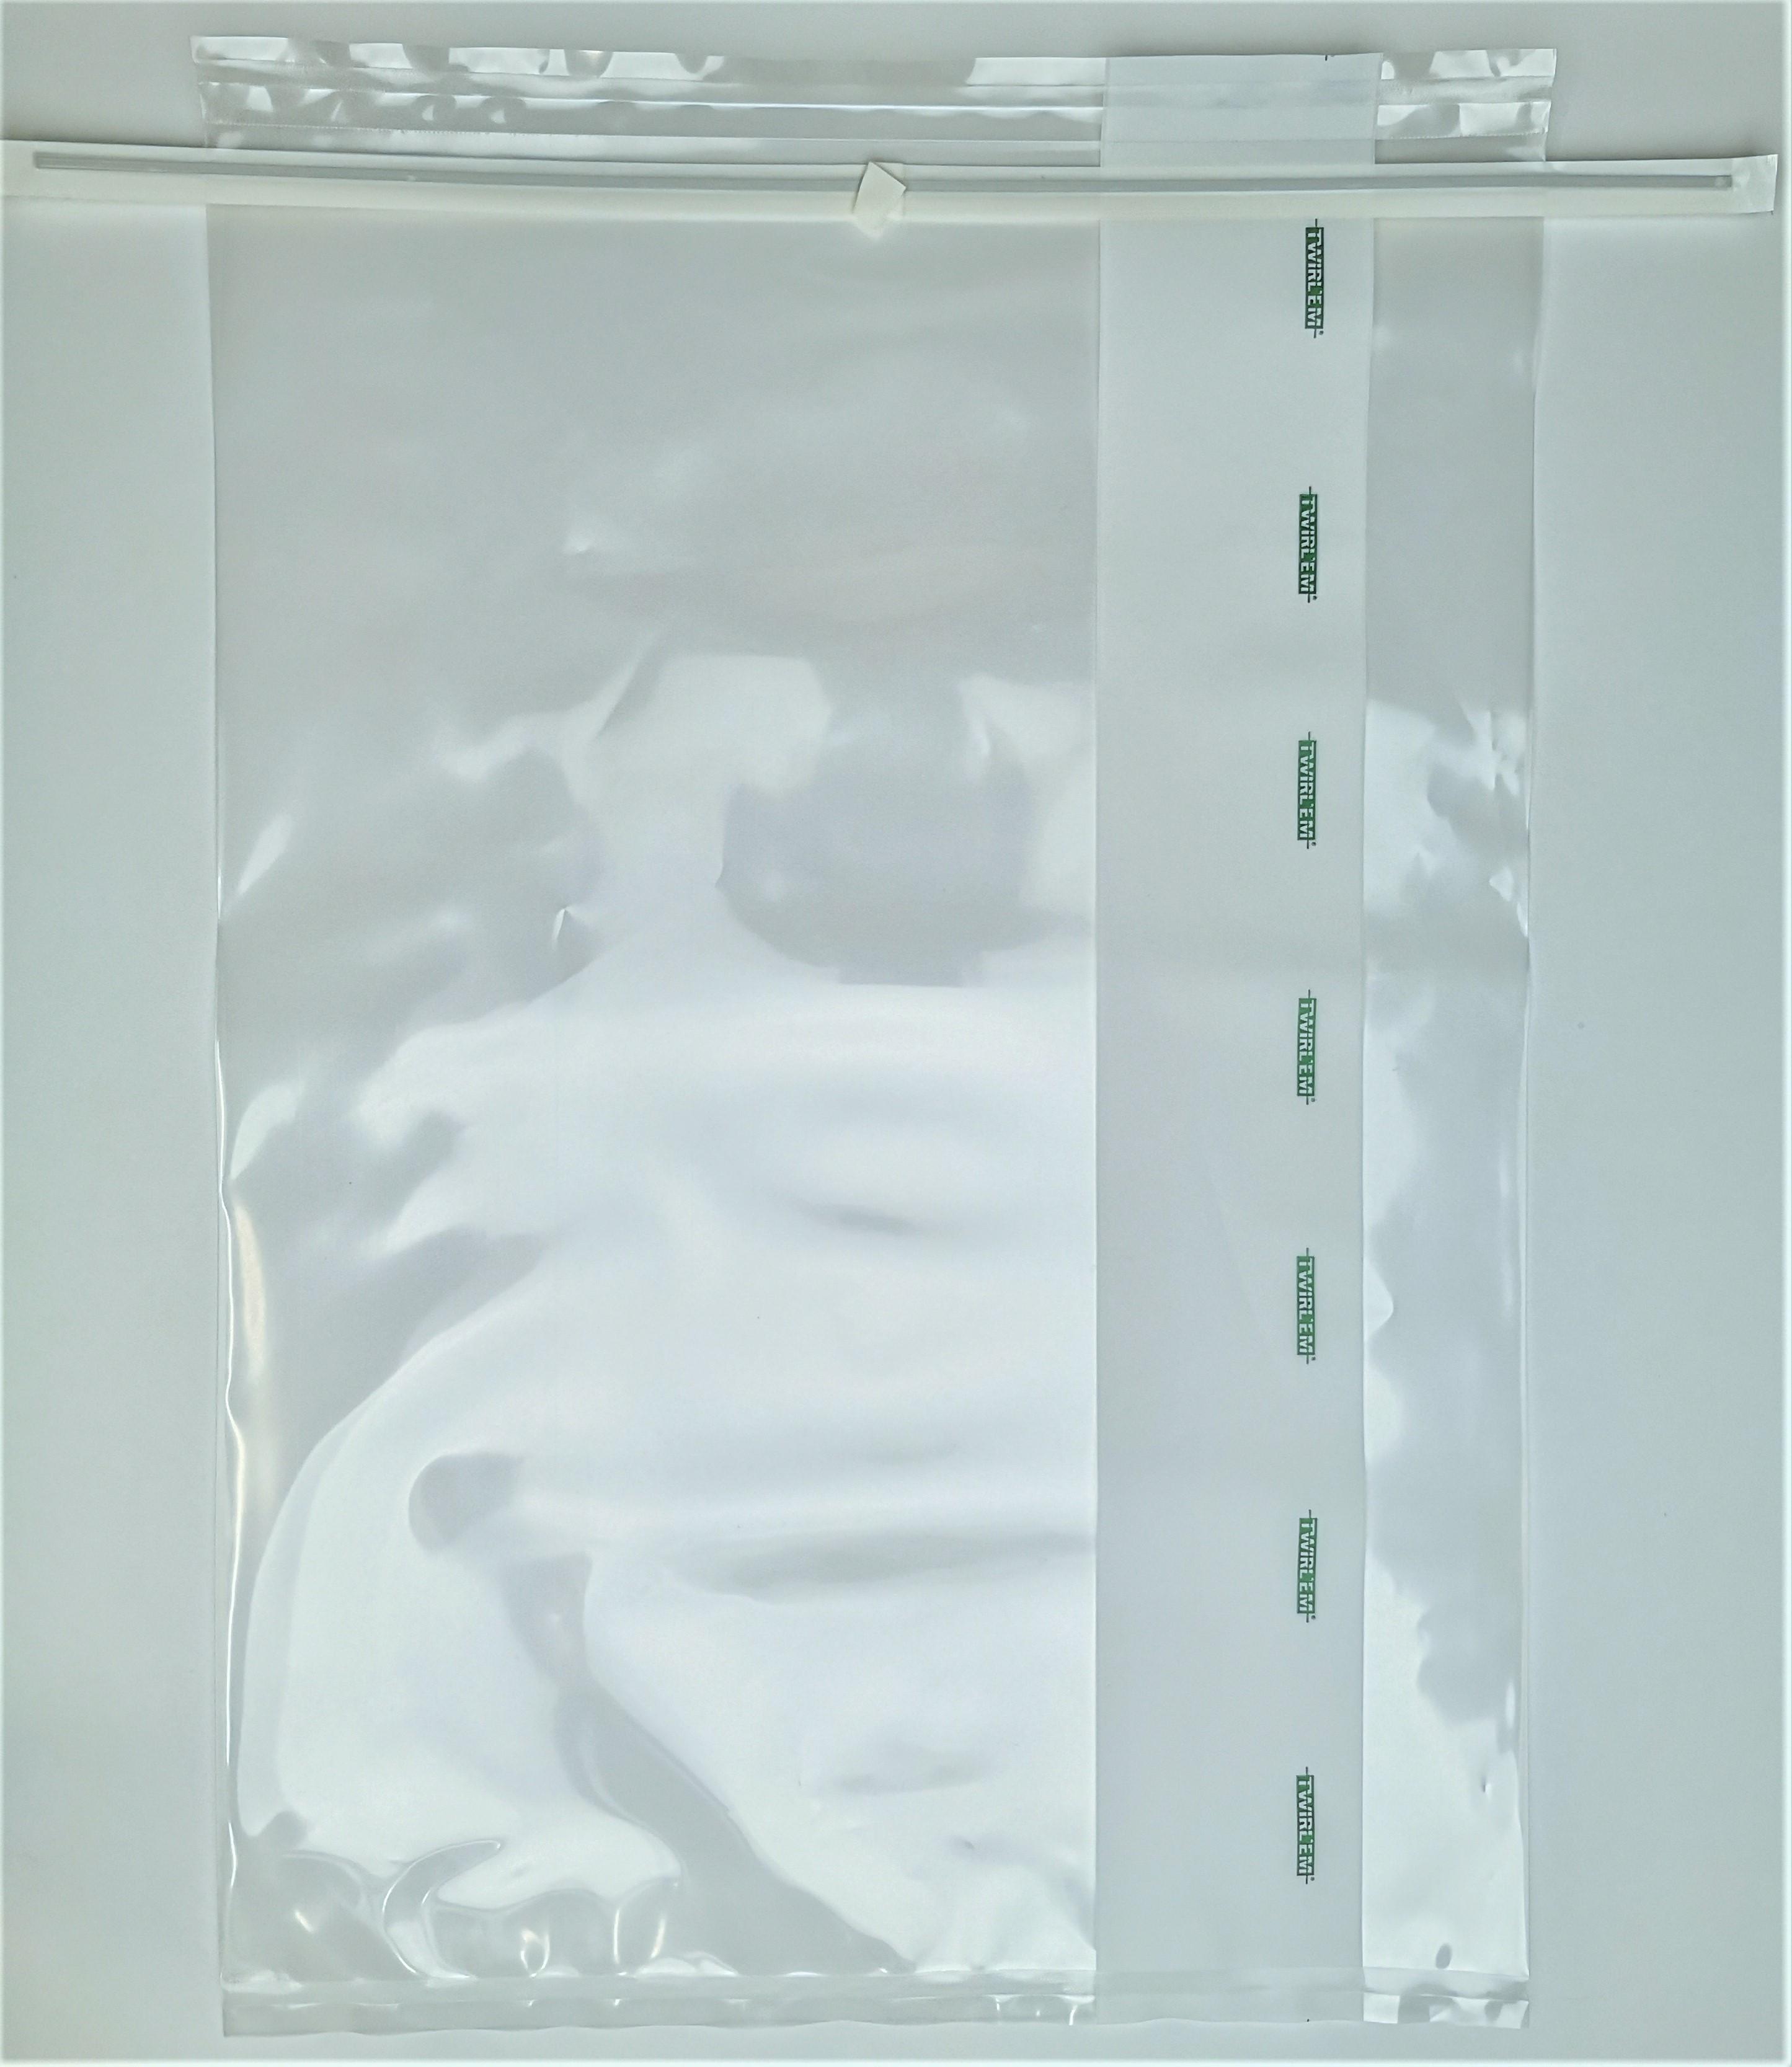 Monsterzakken (PE), 382x508mm, 12L,s.tabs,flat/flat,schrijfvl (37803014)